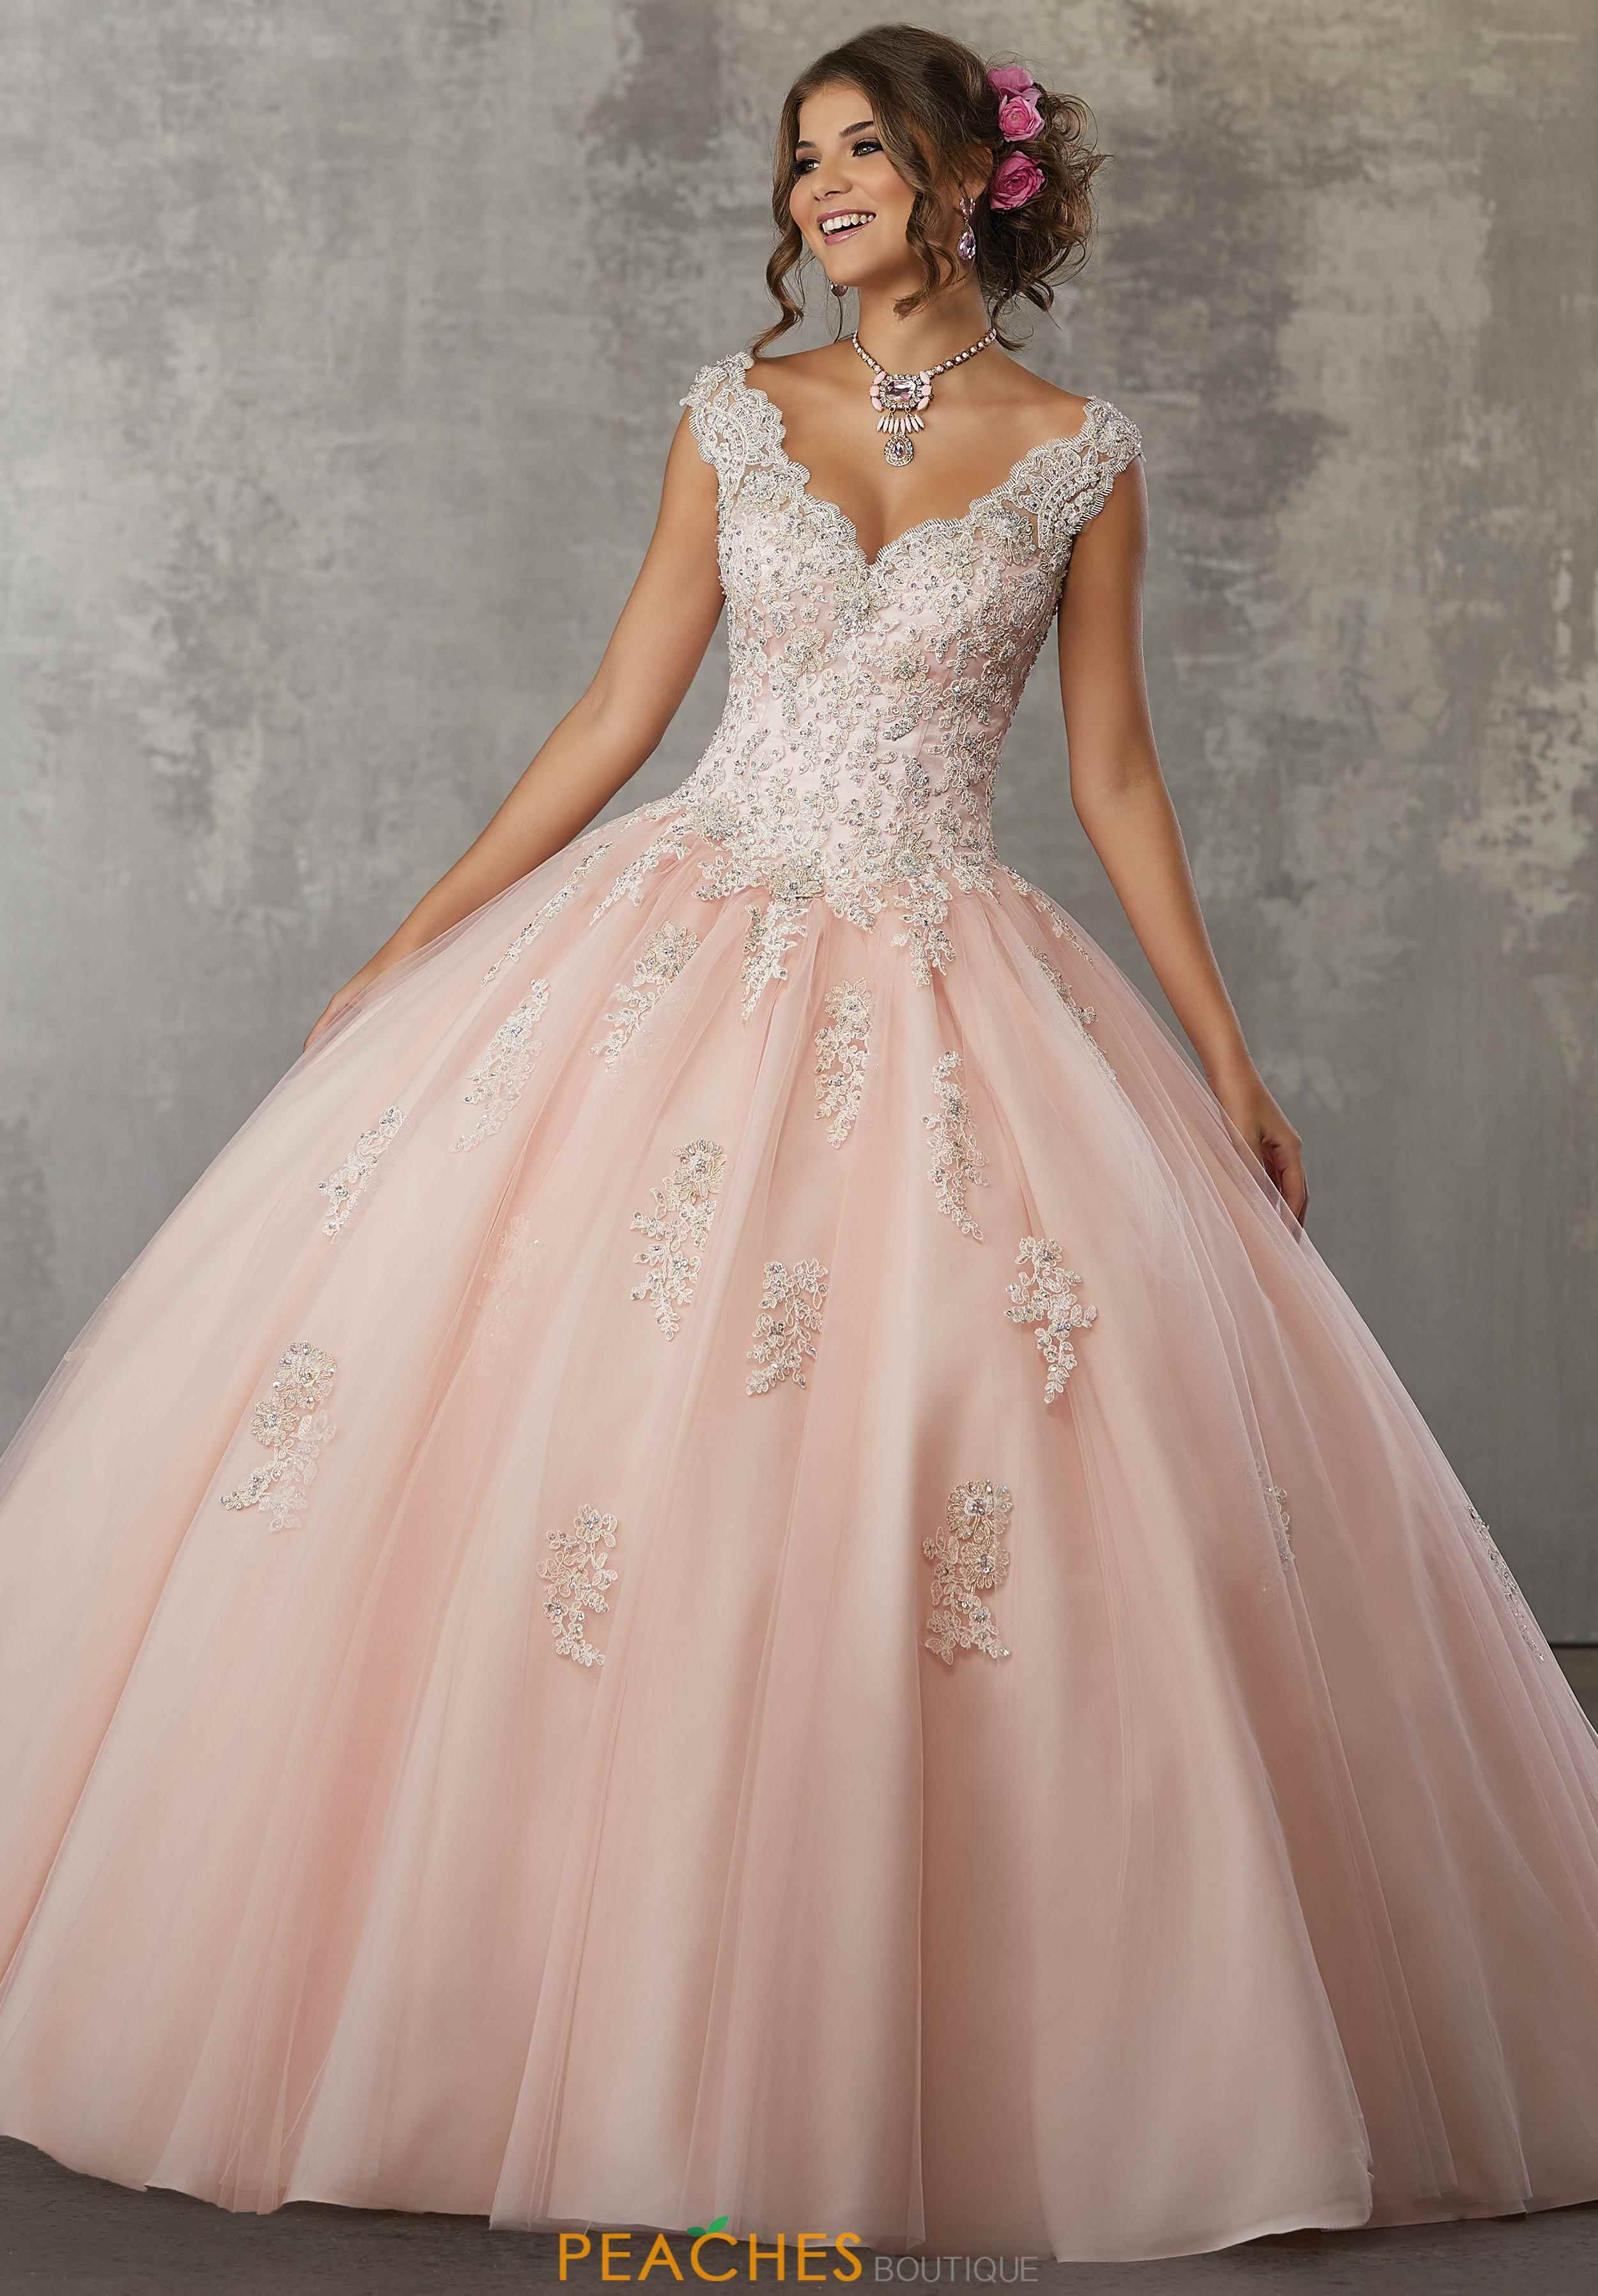 Pin de Jessica Dagonese en my wedding | Pinterest | 15 vestidos, 15 ...